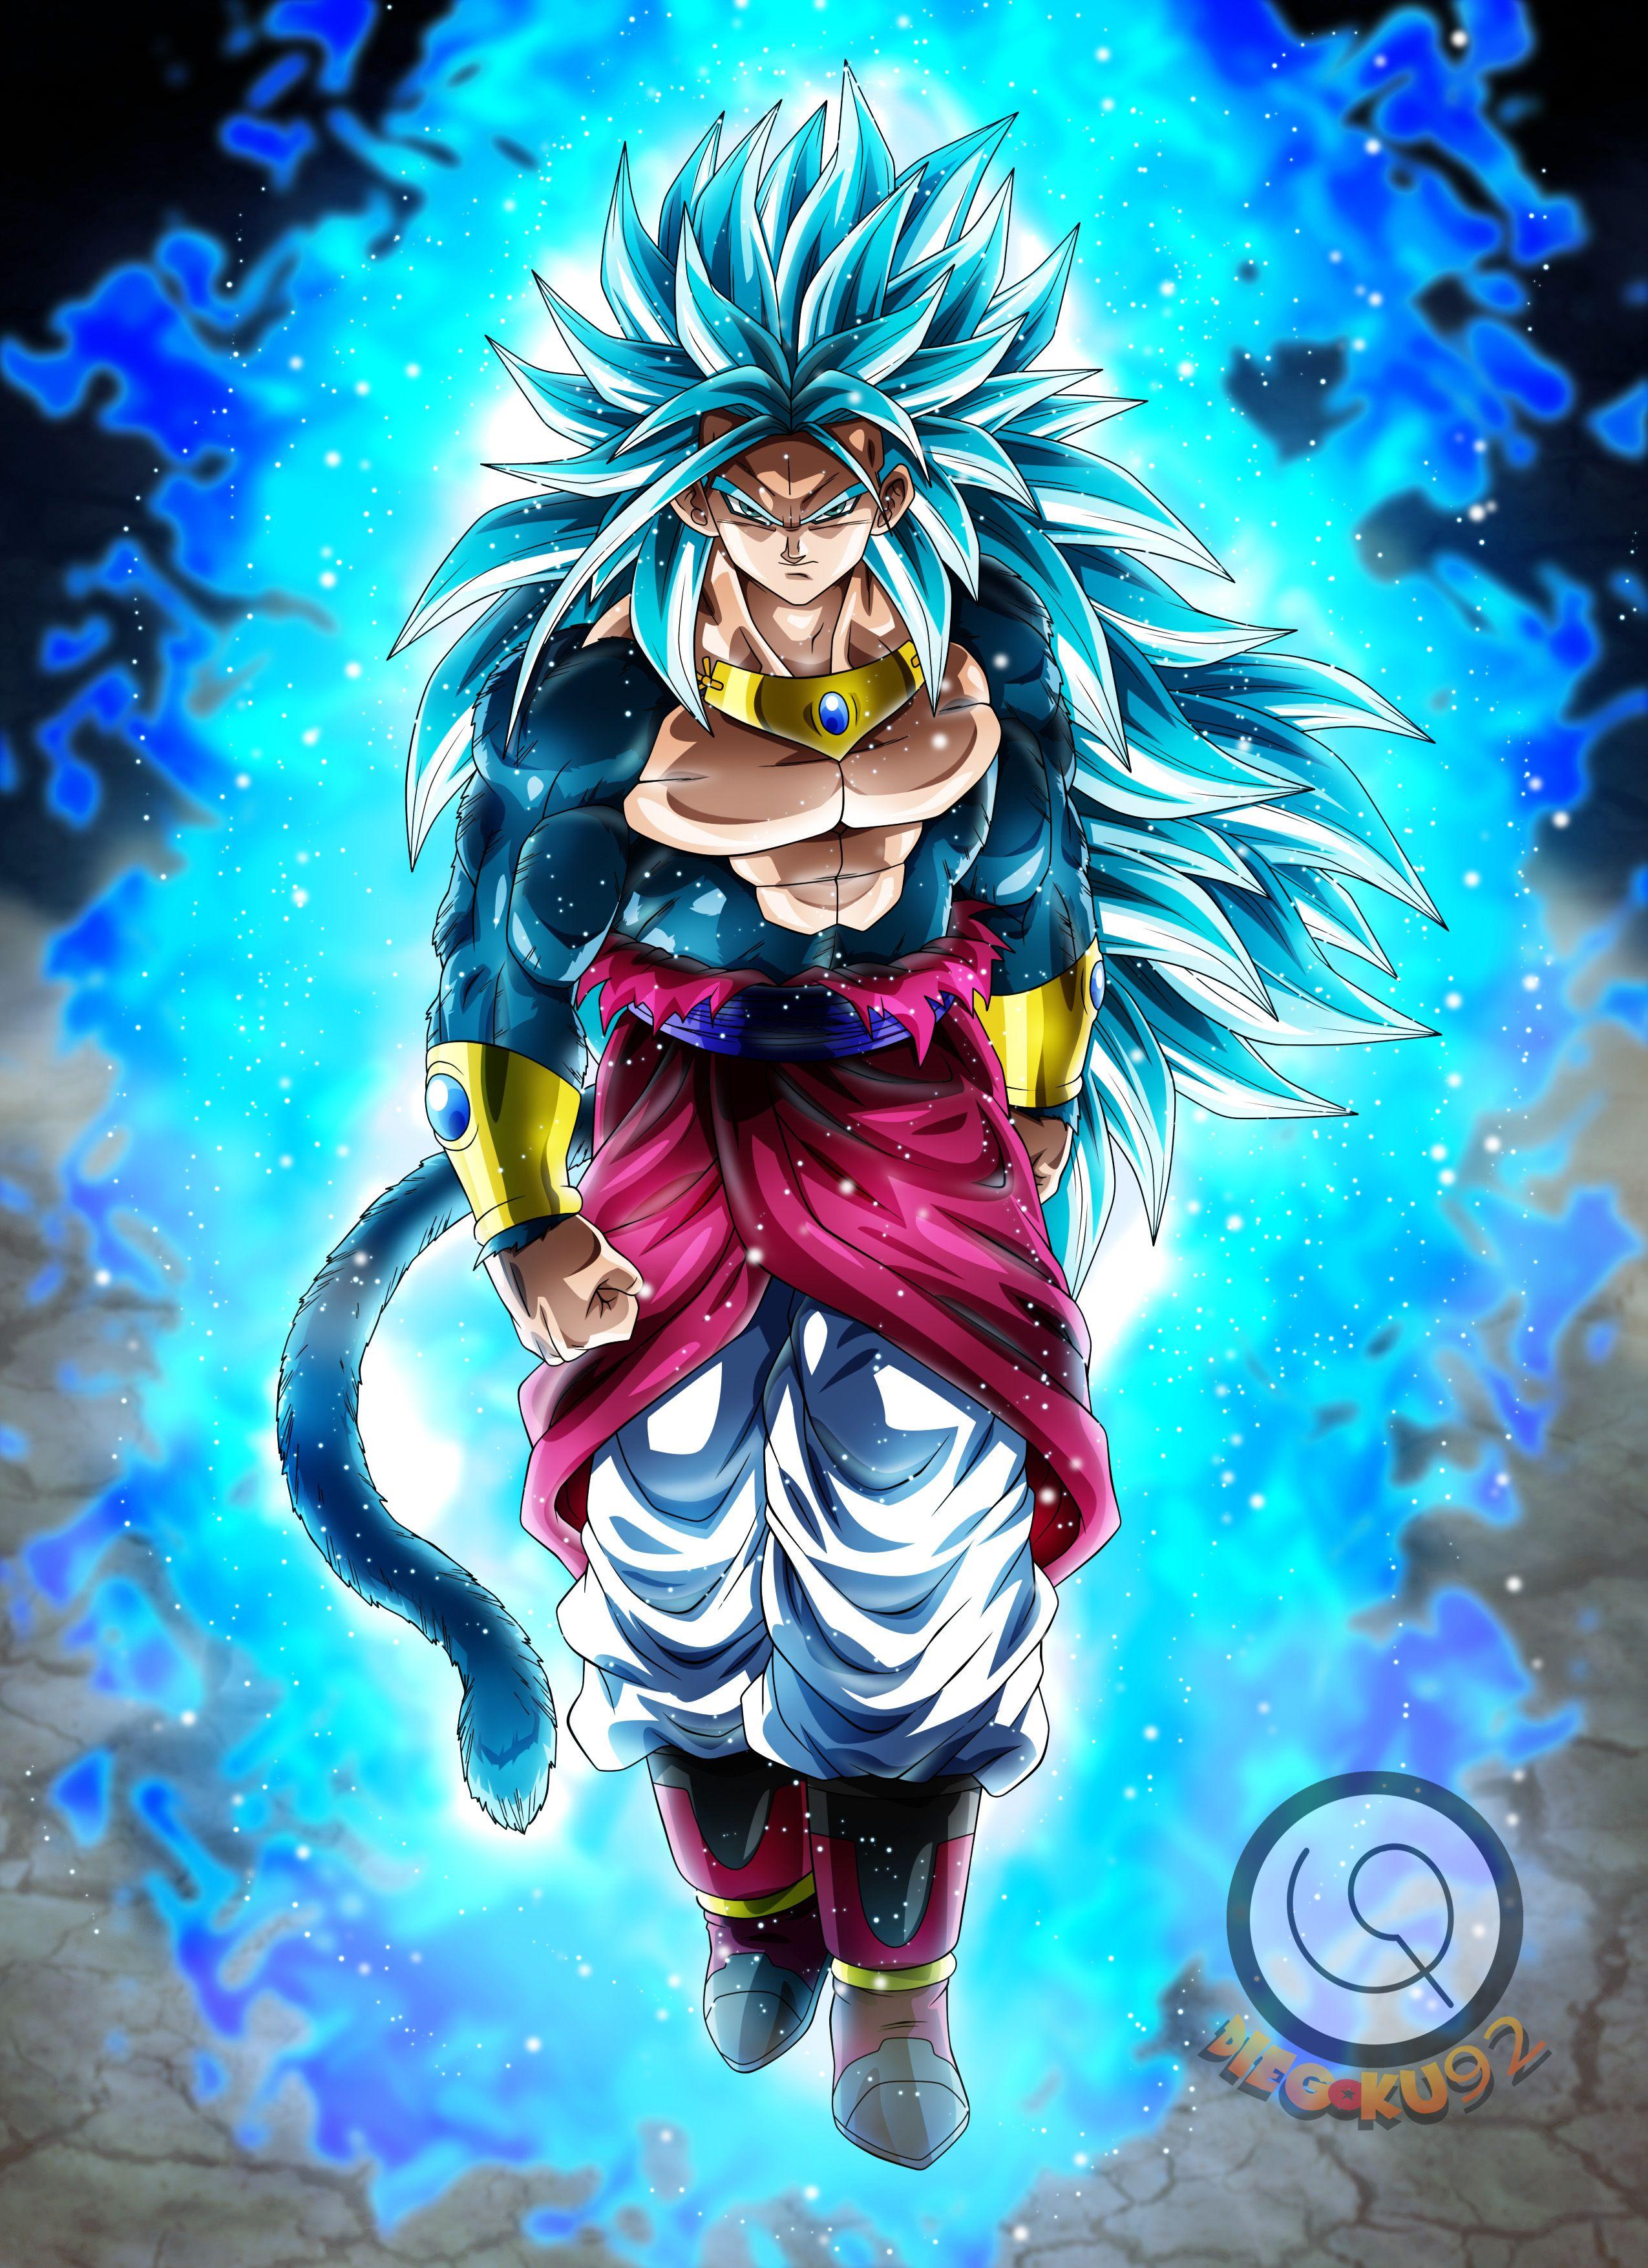 Byo Ssj5 002 By Diegoku92 Dc3h7uj Jpg 2550 3510 Personajes De Goku Personajes De Dragon Ball Dragon Ball Gt